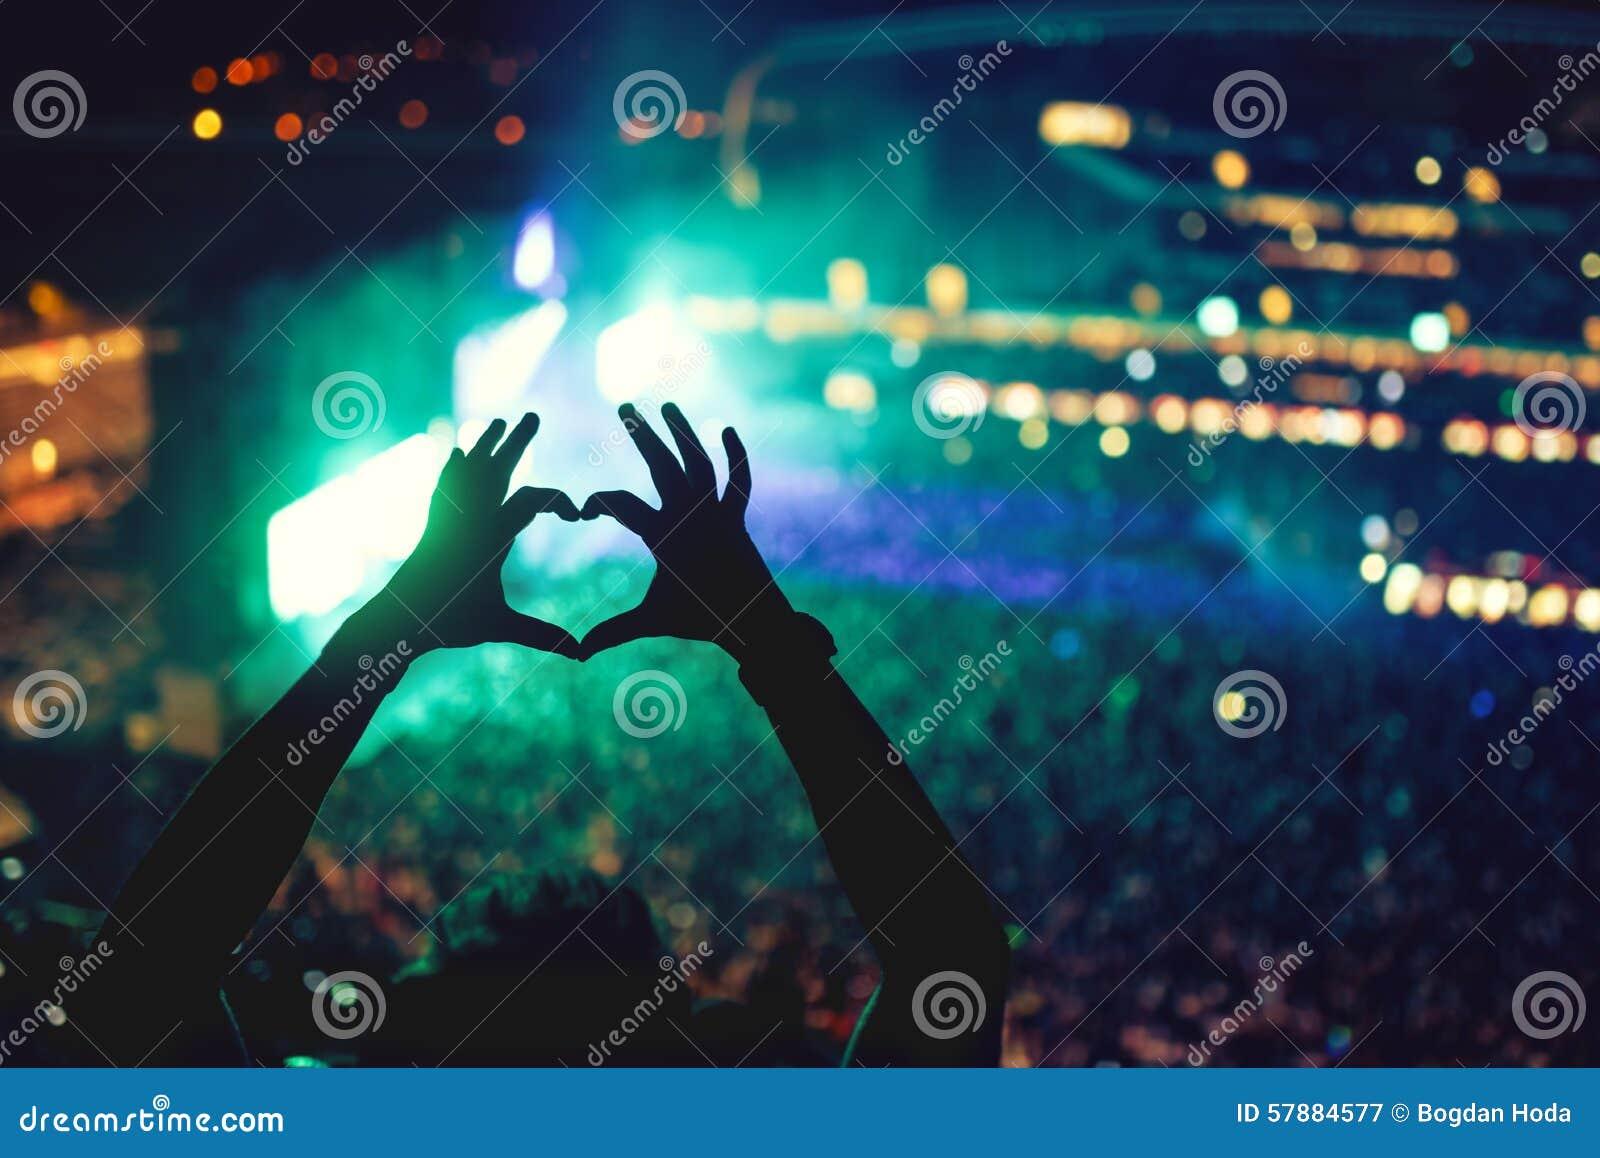 Διαμορφωμένα καρδιά χέρια στη συναυλία, αγαπώντας τον καλλιτέχνη και το φεστιβάλ Συναυλία μουσικής με τα φω τα και τη σκιαγραφία